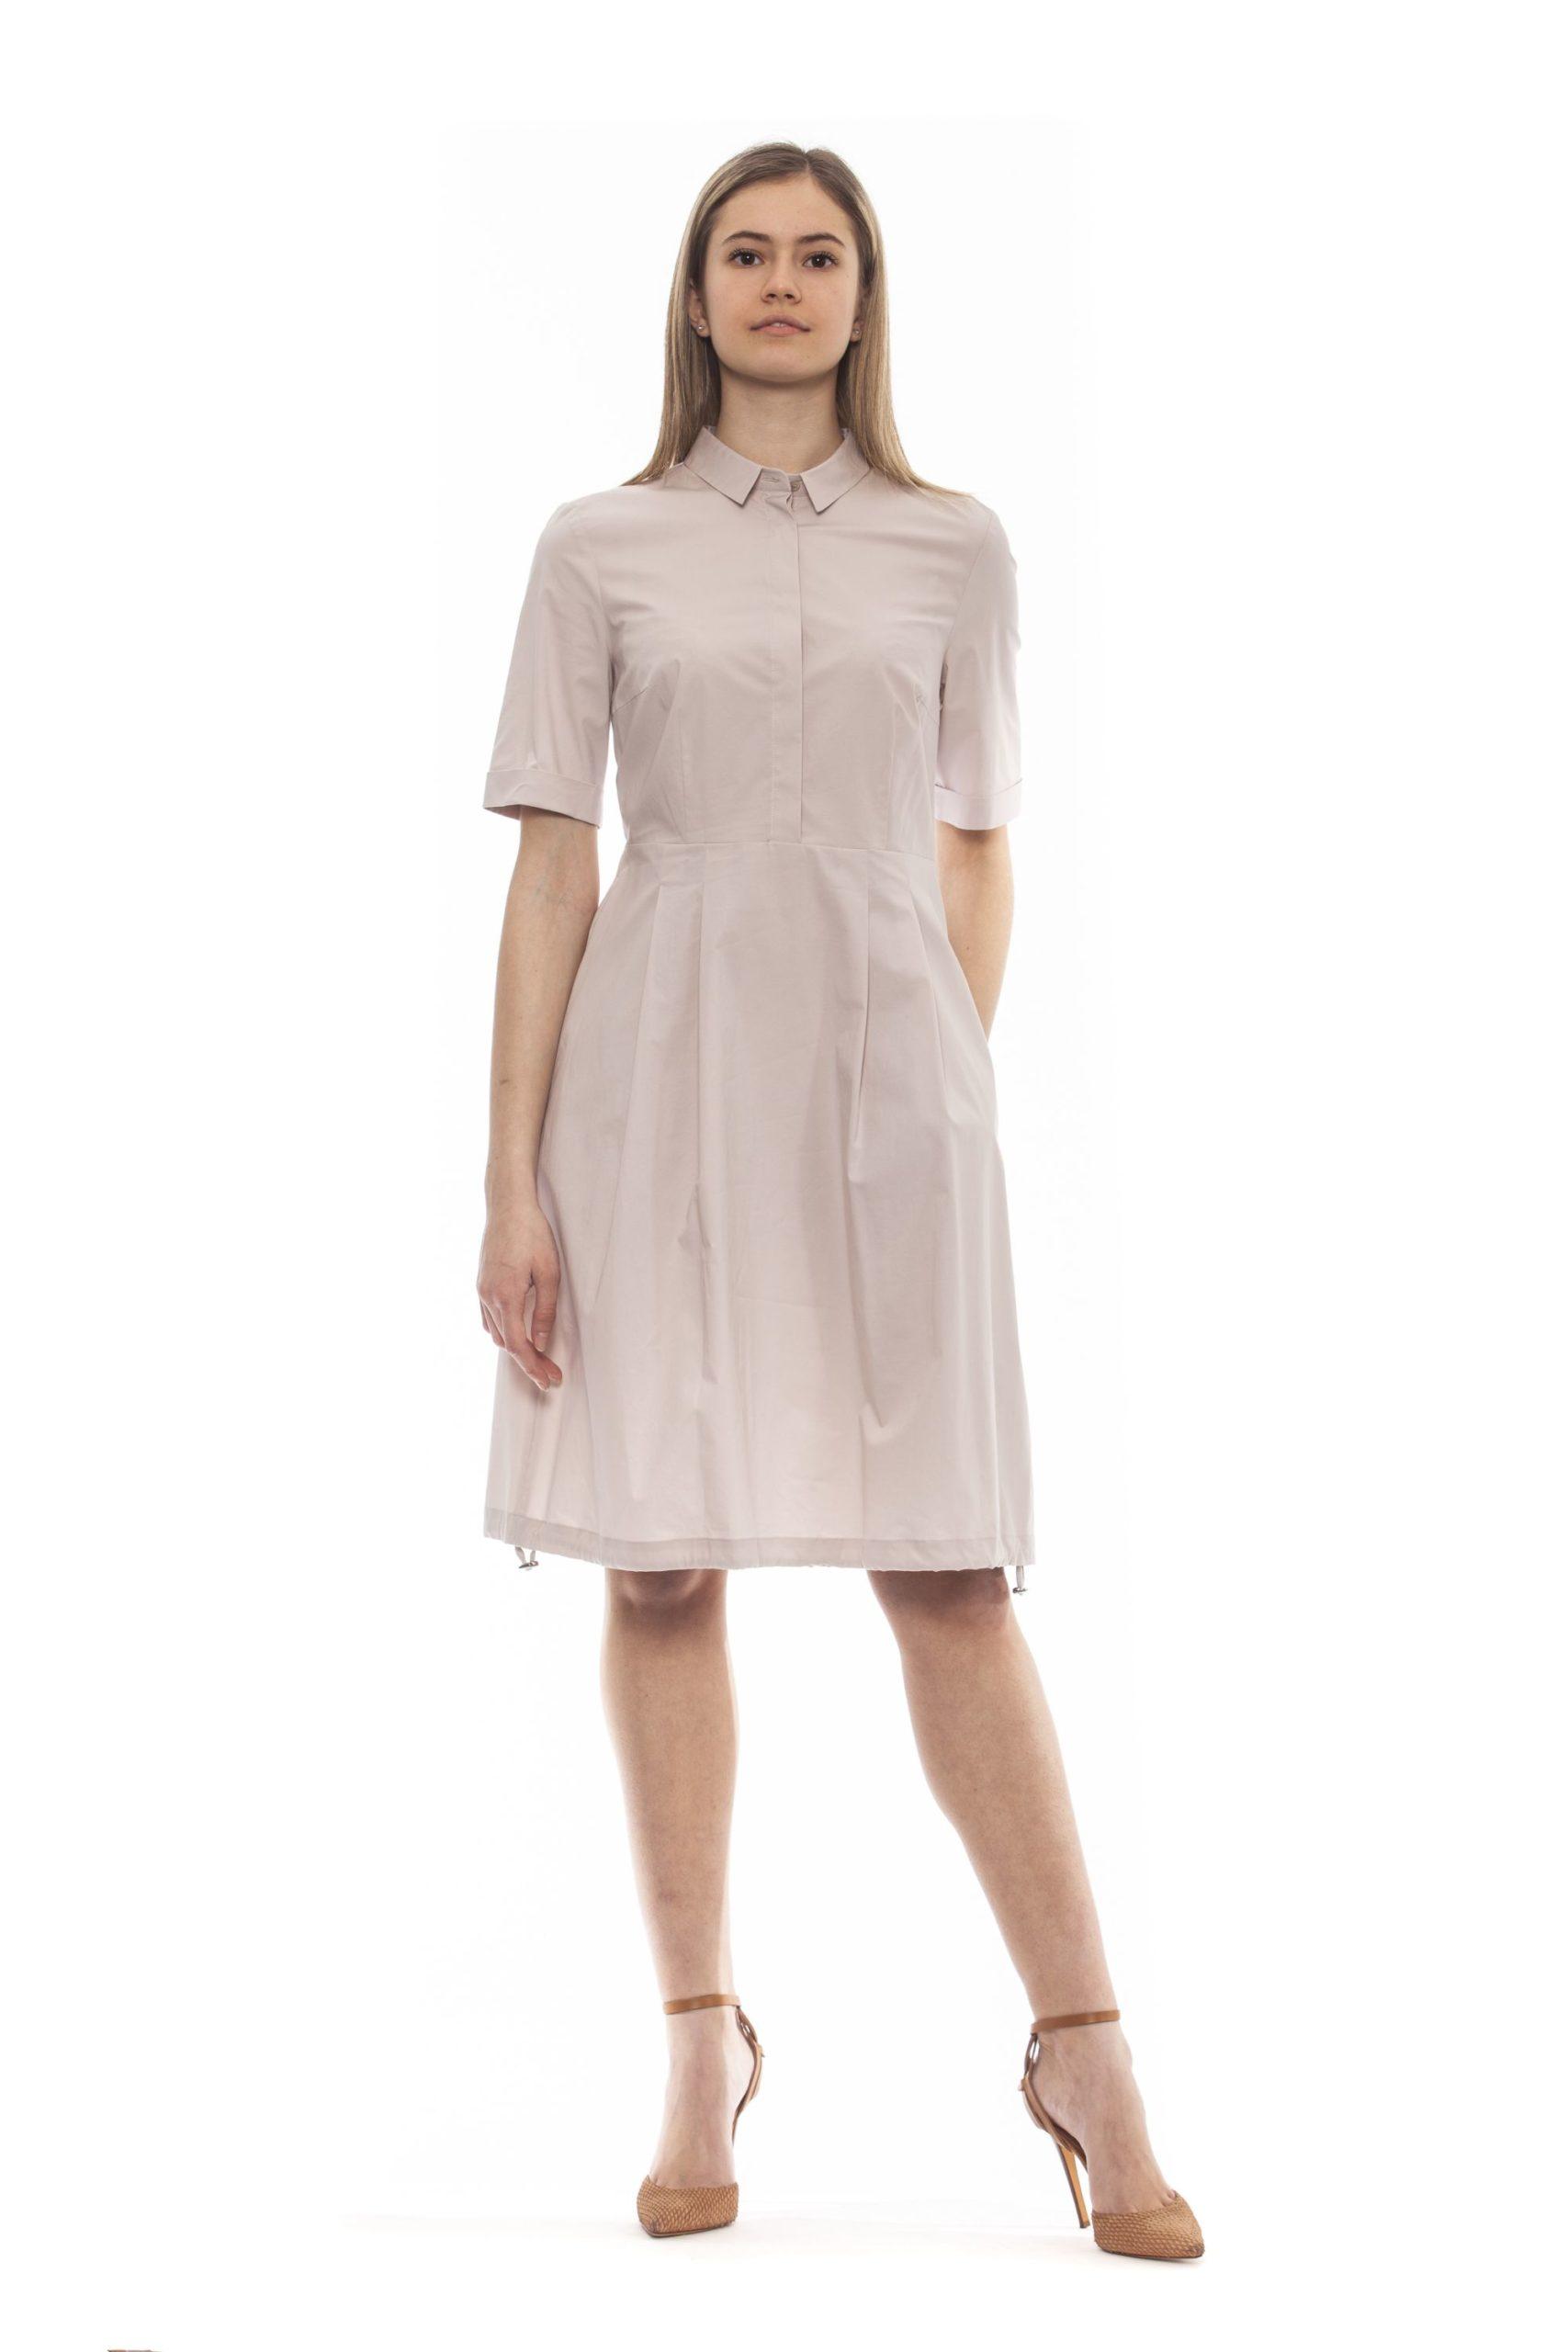 Peserico Women's Dress Beige PE1383258 - IT42 | S